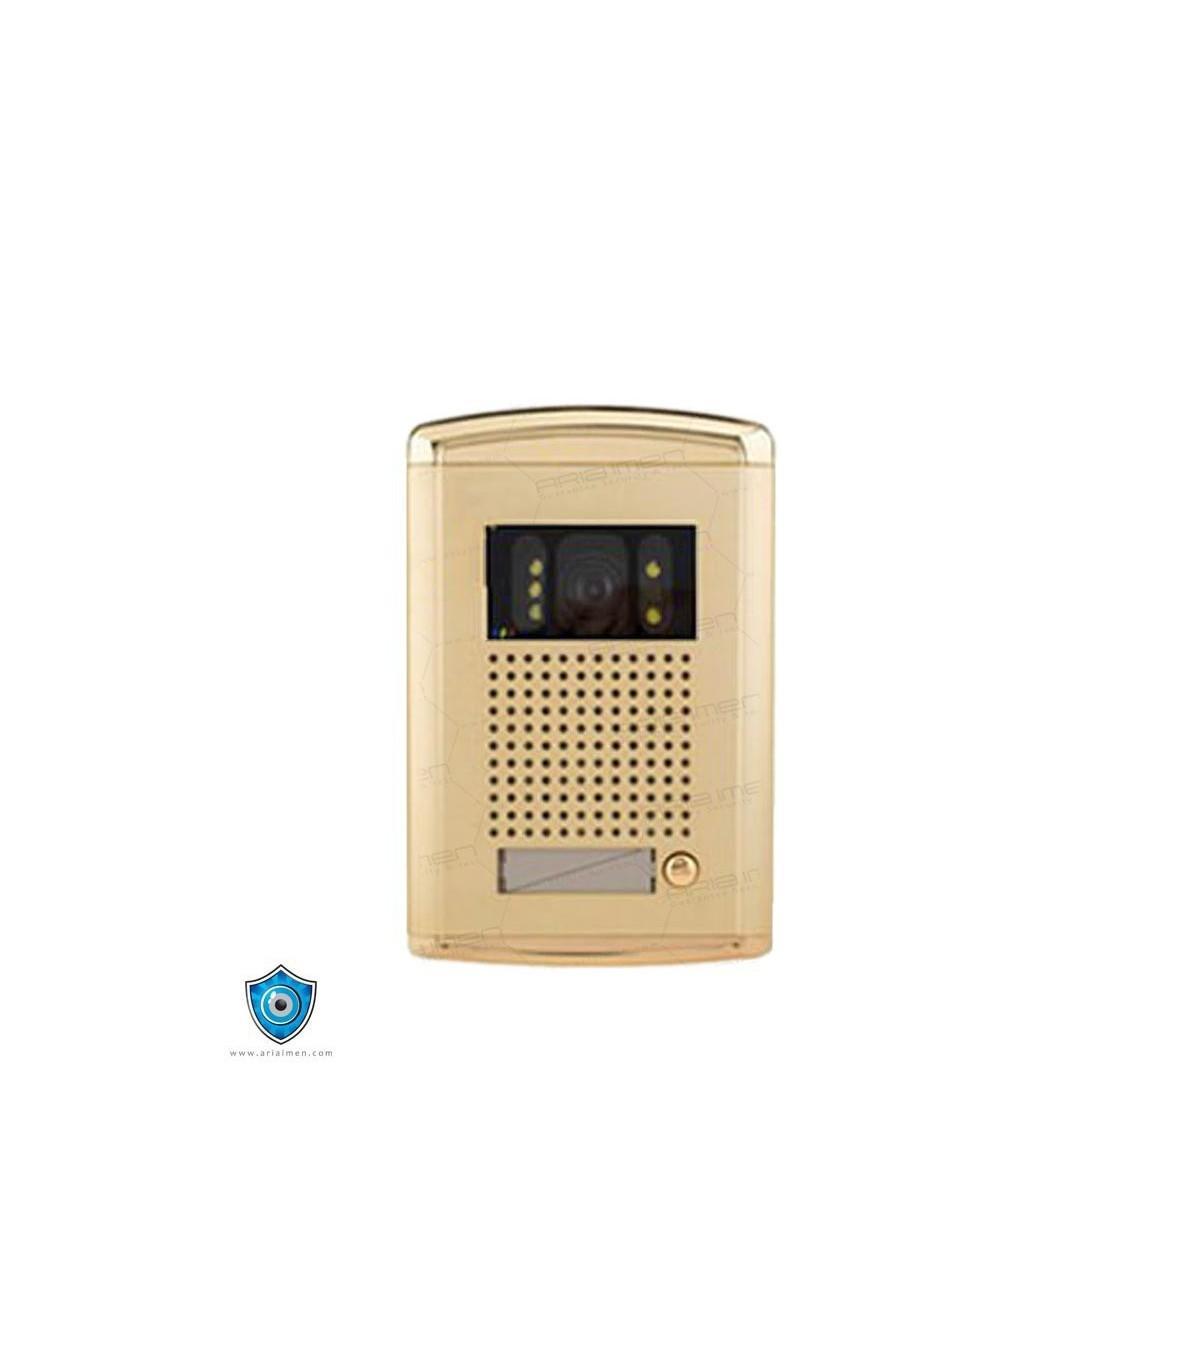 پنل فراز ساده سیماران، قابل استفاده برای ساختمان های شانزده واحدی و با صفحه فلزی آبکاری شده و مقاوم در برابر باران و گرد و غبار تولید شده است. شیشه محافظ دوربین برای جلوگیری از تماس مستقیم دست یا سایر اشیا با لنز تعبیه گردیده. دوربین CCD با رزولوشن بالا، قابلیت تنظیم جهت دوربین، بلندگو و میکروفن جهت پخش و انتقال صدا و سیم اتصال تغذیه و سیم اتصال به درب بازکن تصویری، از دیگر مشخصات این پنل در باز کن به شمار می روند. این پنل به صورت توکار نصب می شود و در دو رنگ طلایی و نقره ای قابل خریداری ست.